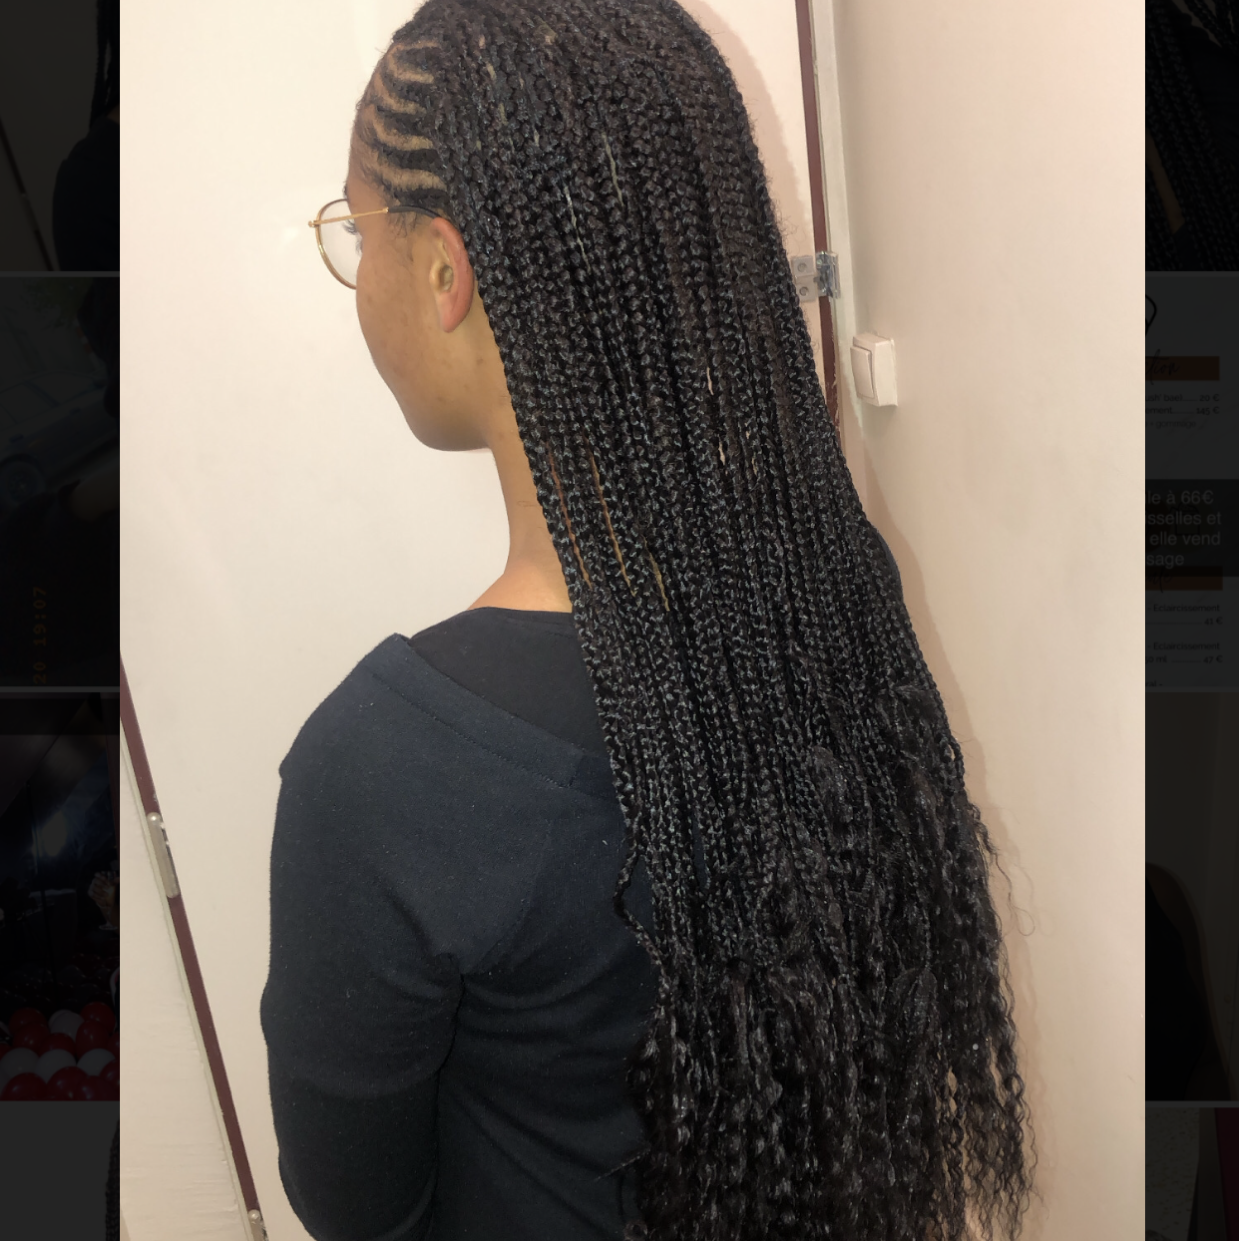 salon de coiffure afro tresse tresses box braids crochet braids vanilles tissages paris 75 77 78 91 92 93 94 95 OGZUYEBI